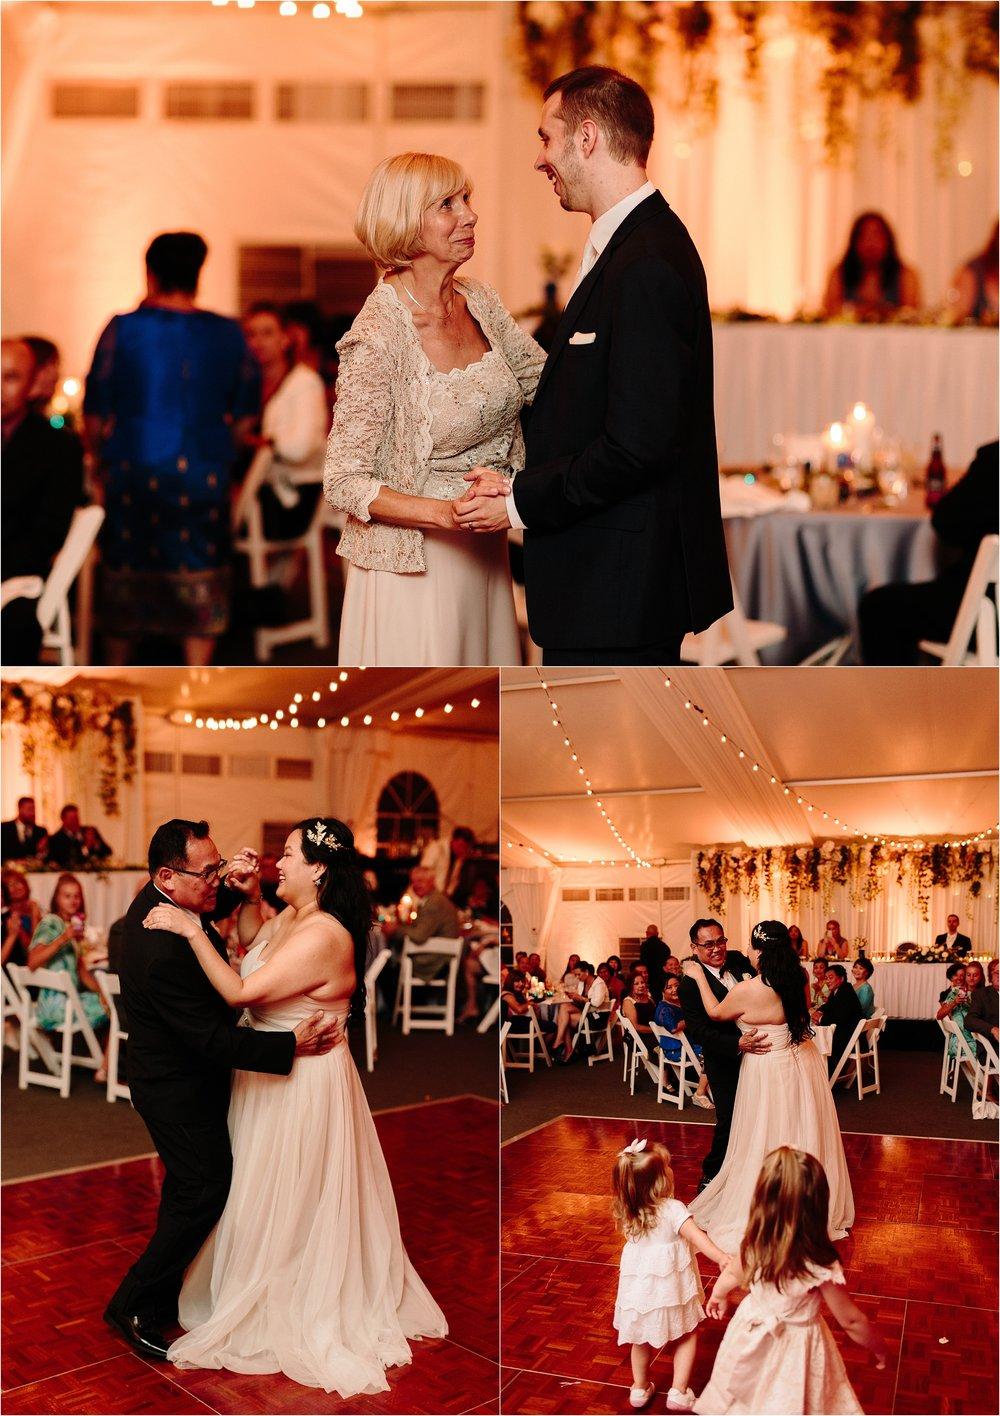 Chicago-Marriott-Schaumburg-Wedding-184.jpg